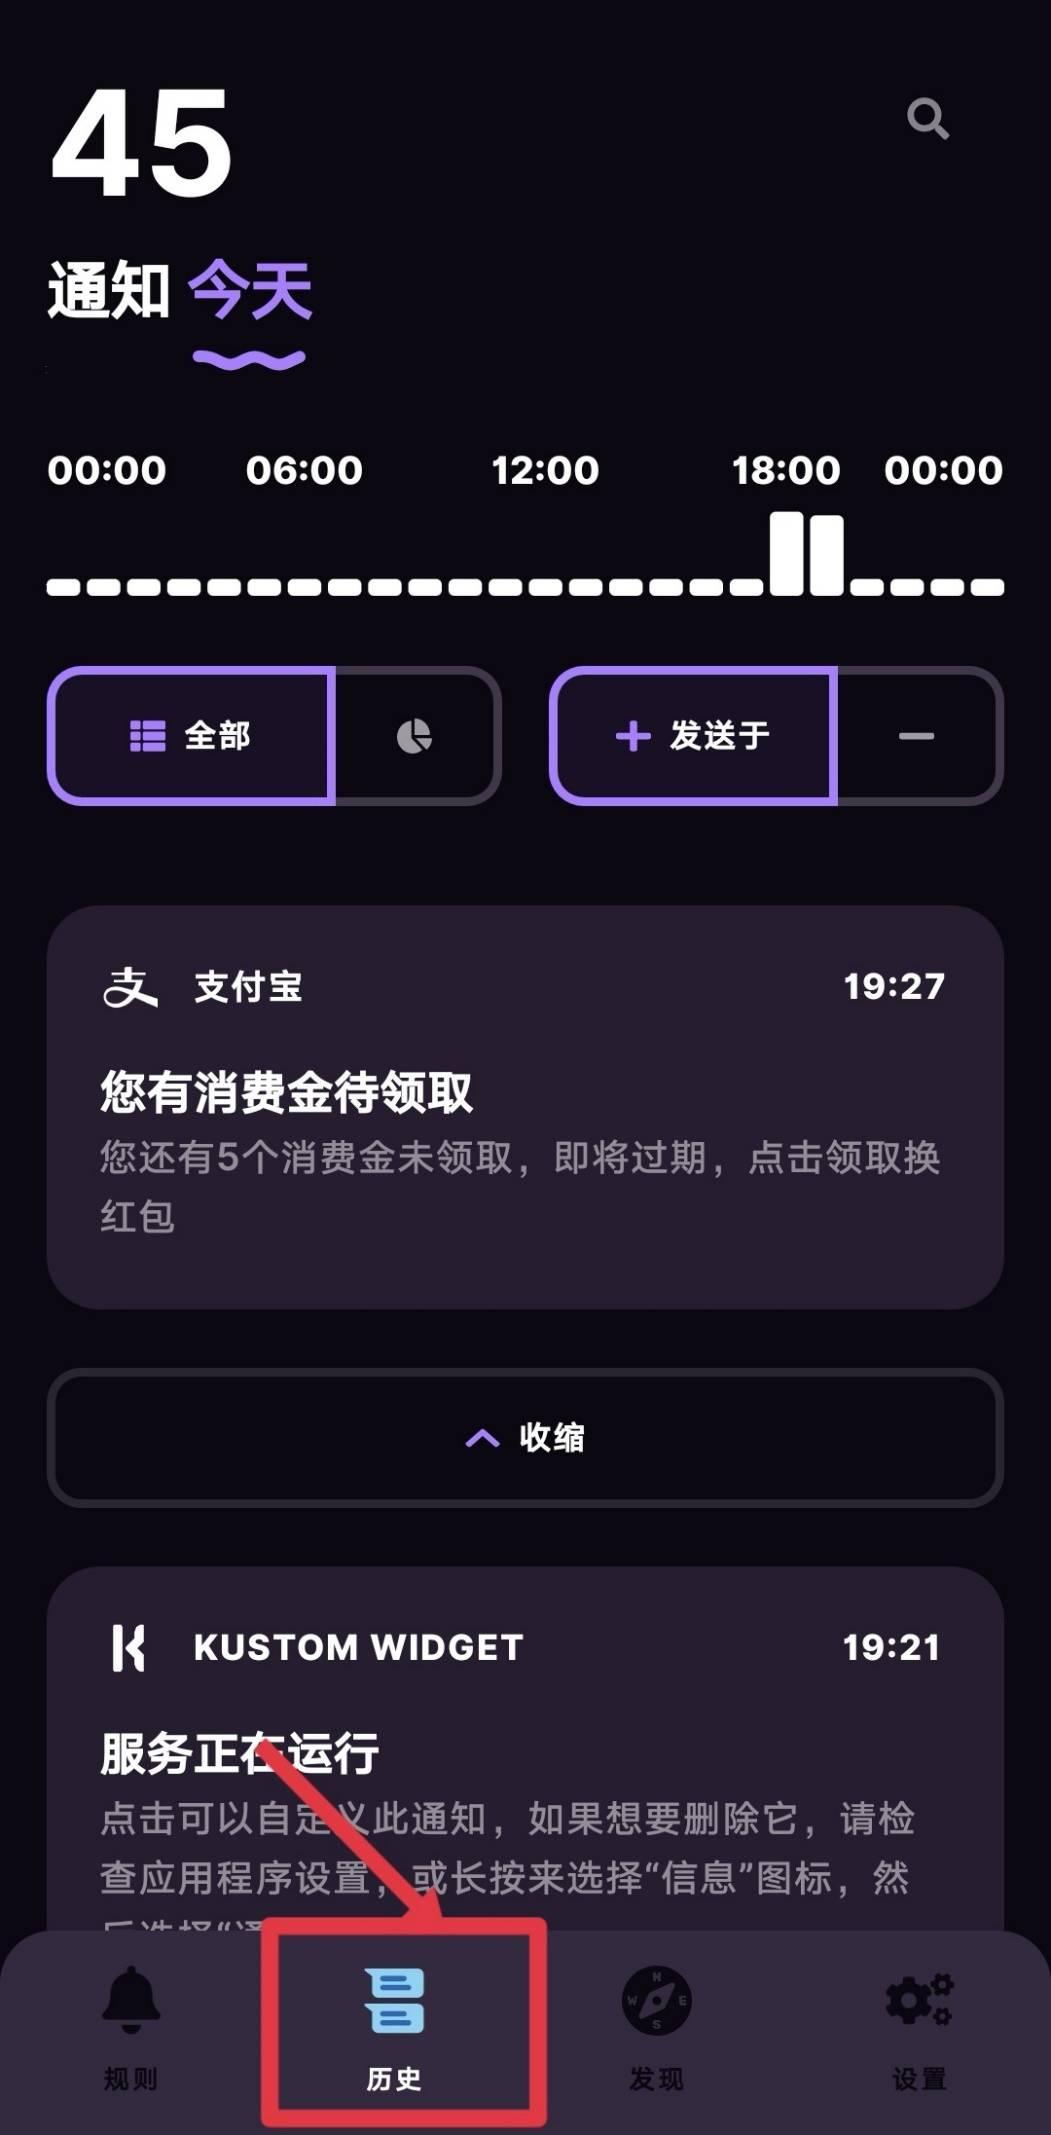 天顺平台开户-首页【1.1.9】  第4张